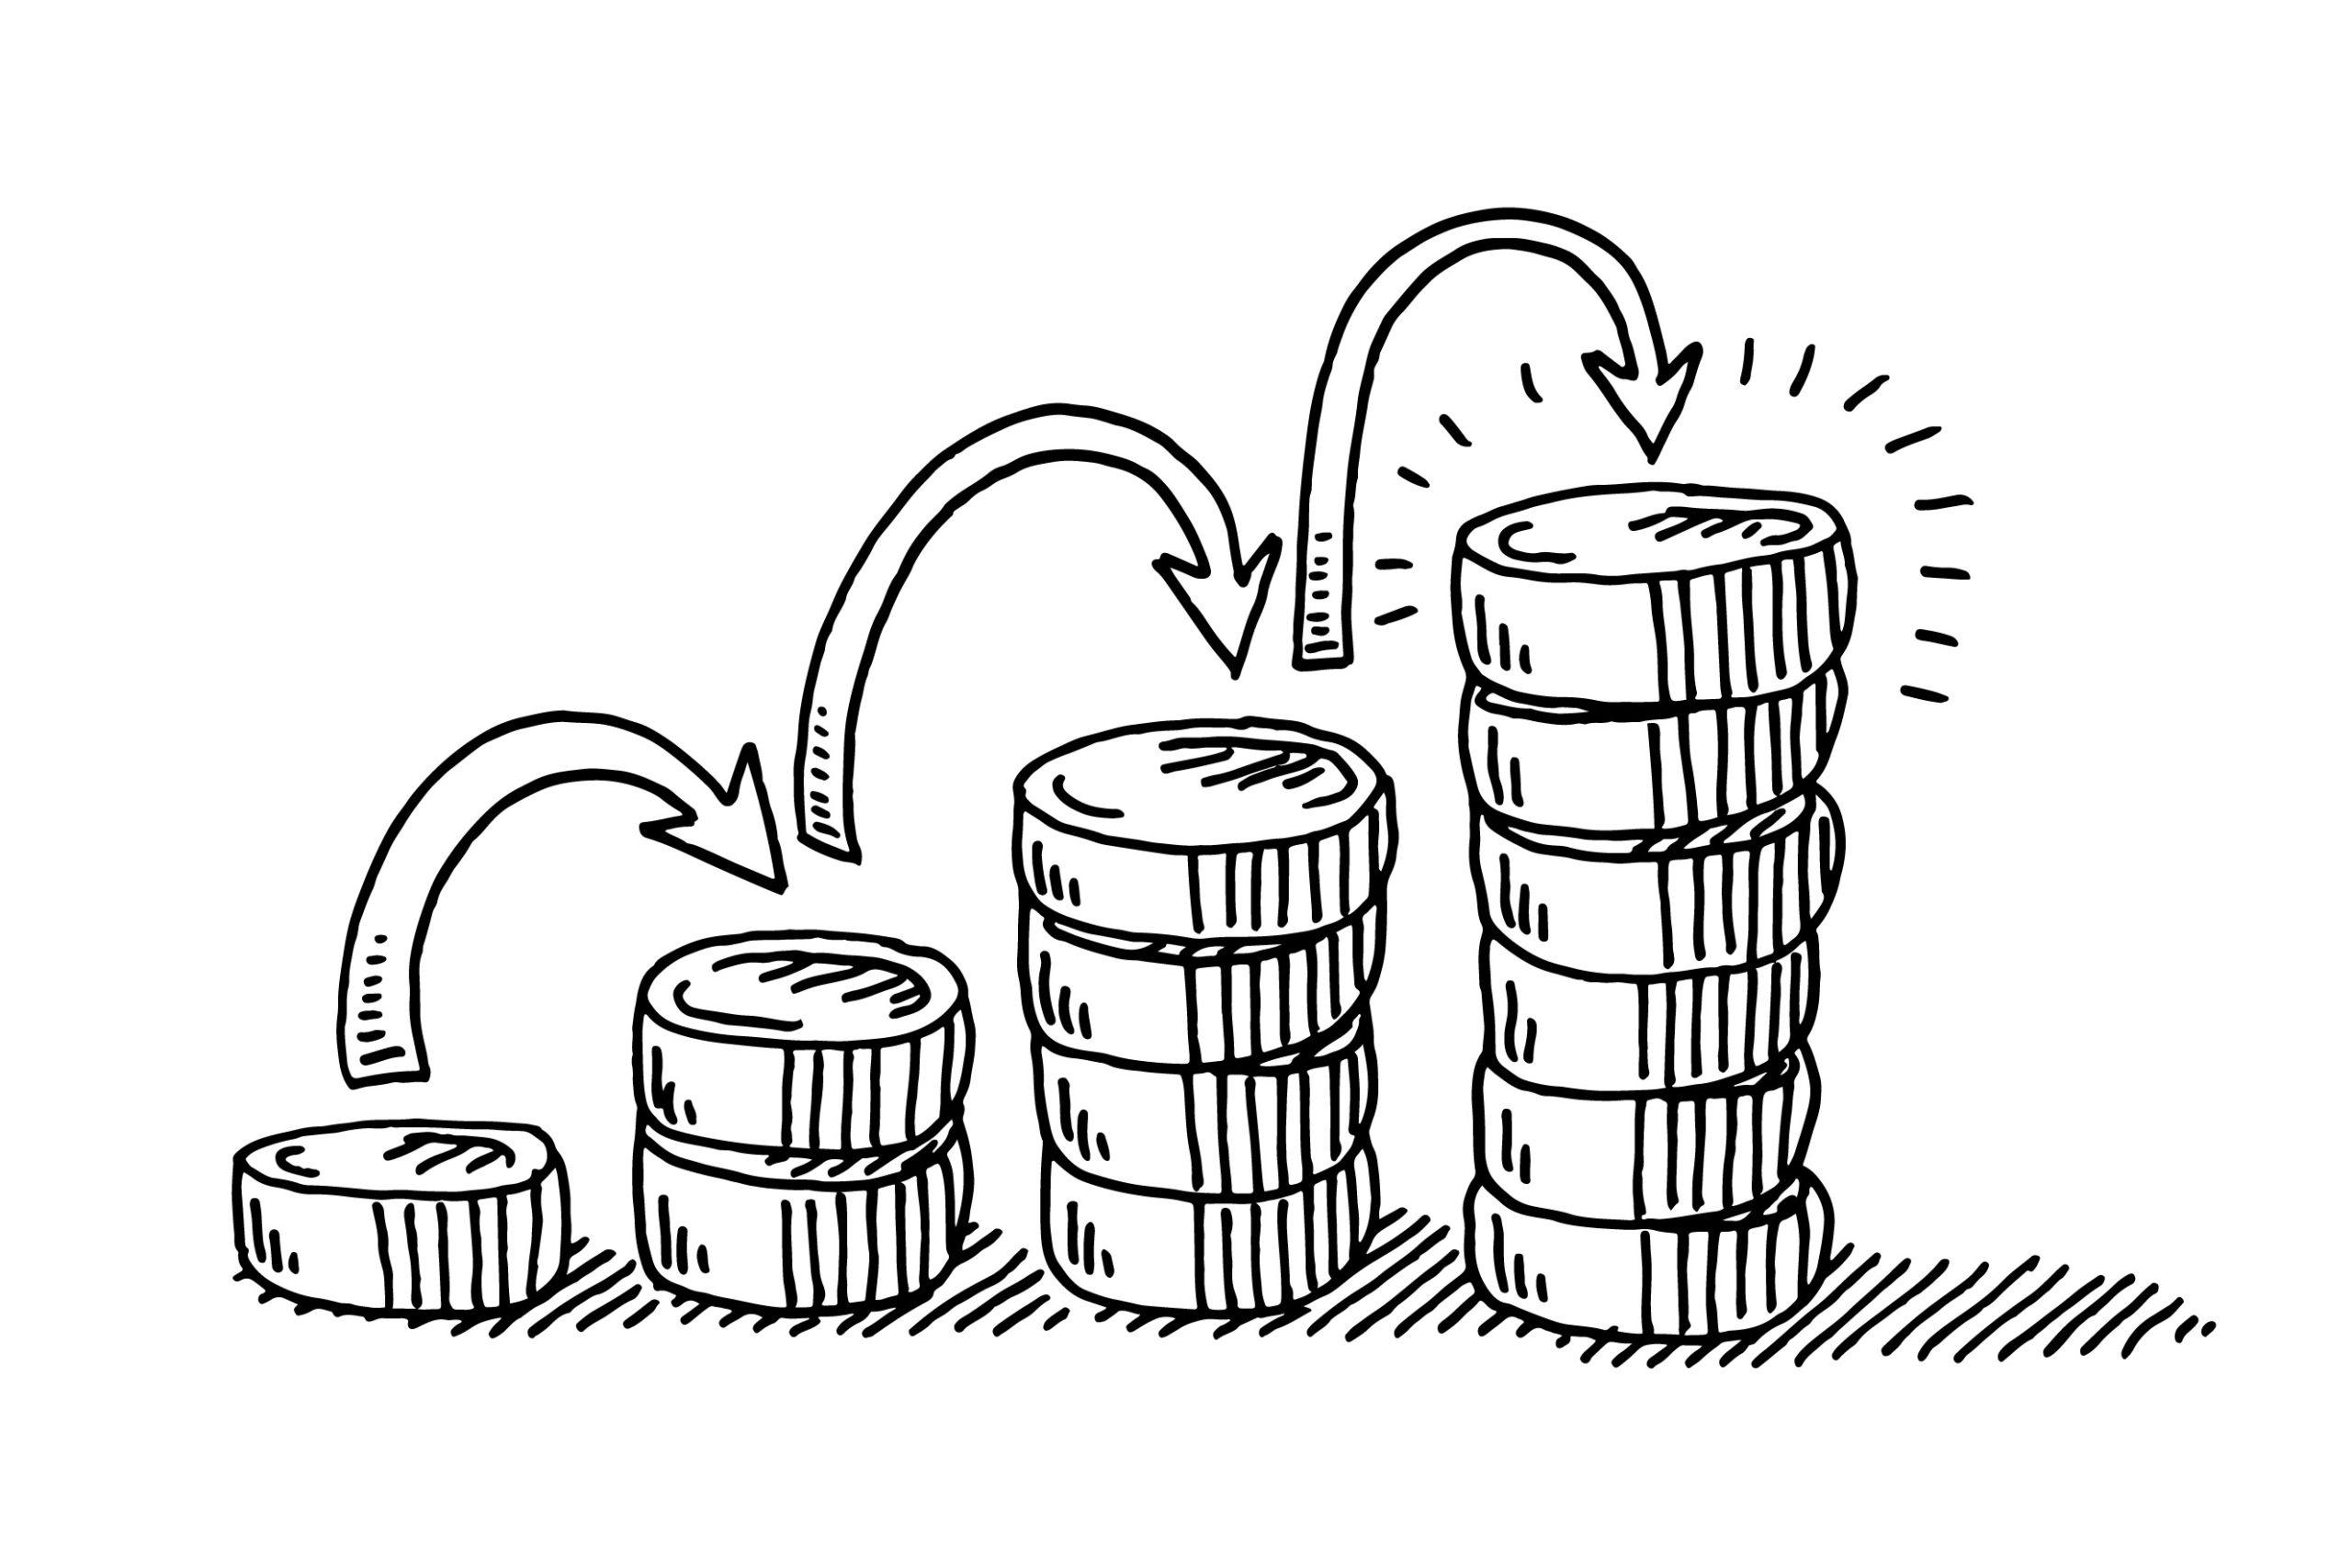 meest gestelde vragen over automatisch verpakken | subsidie